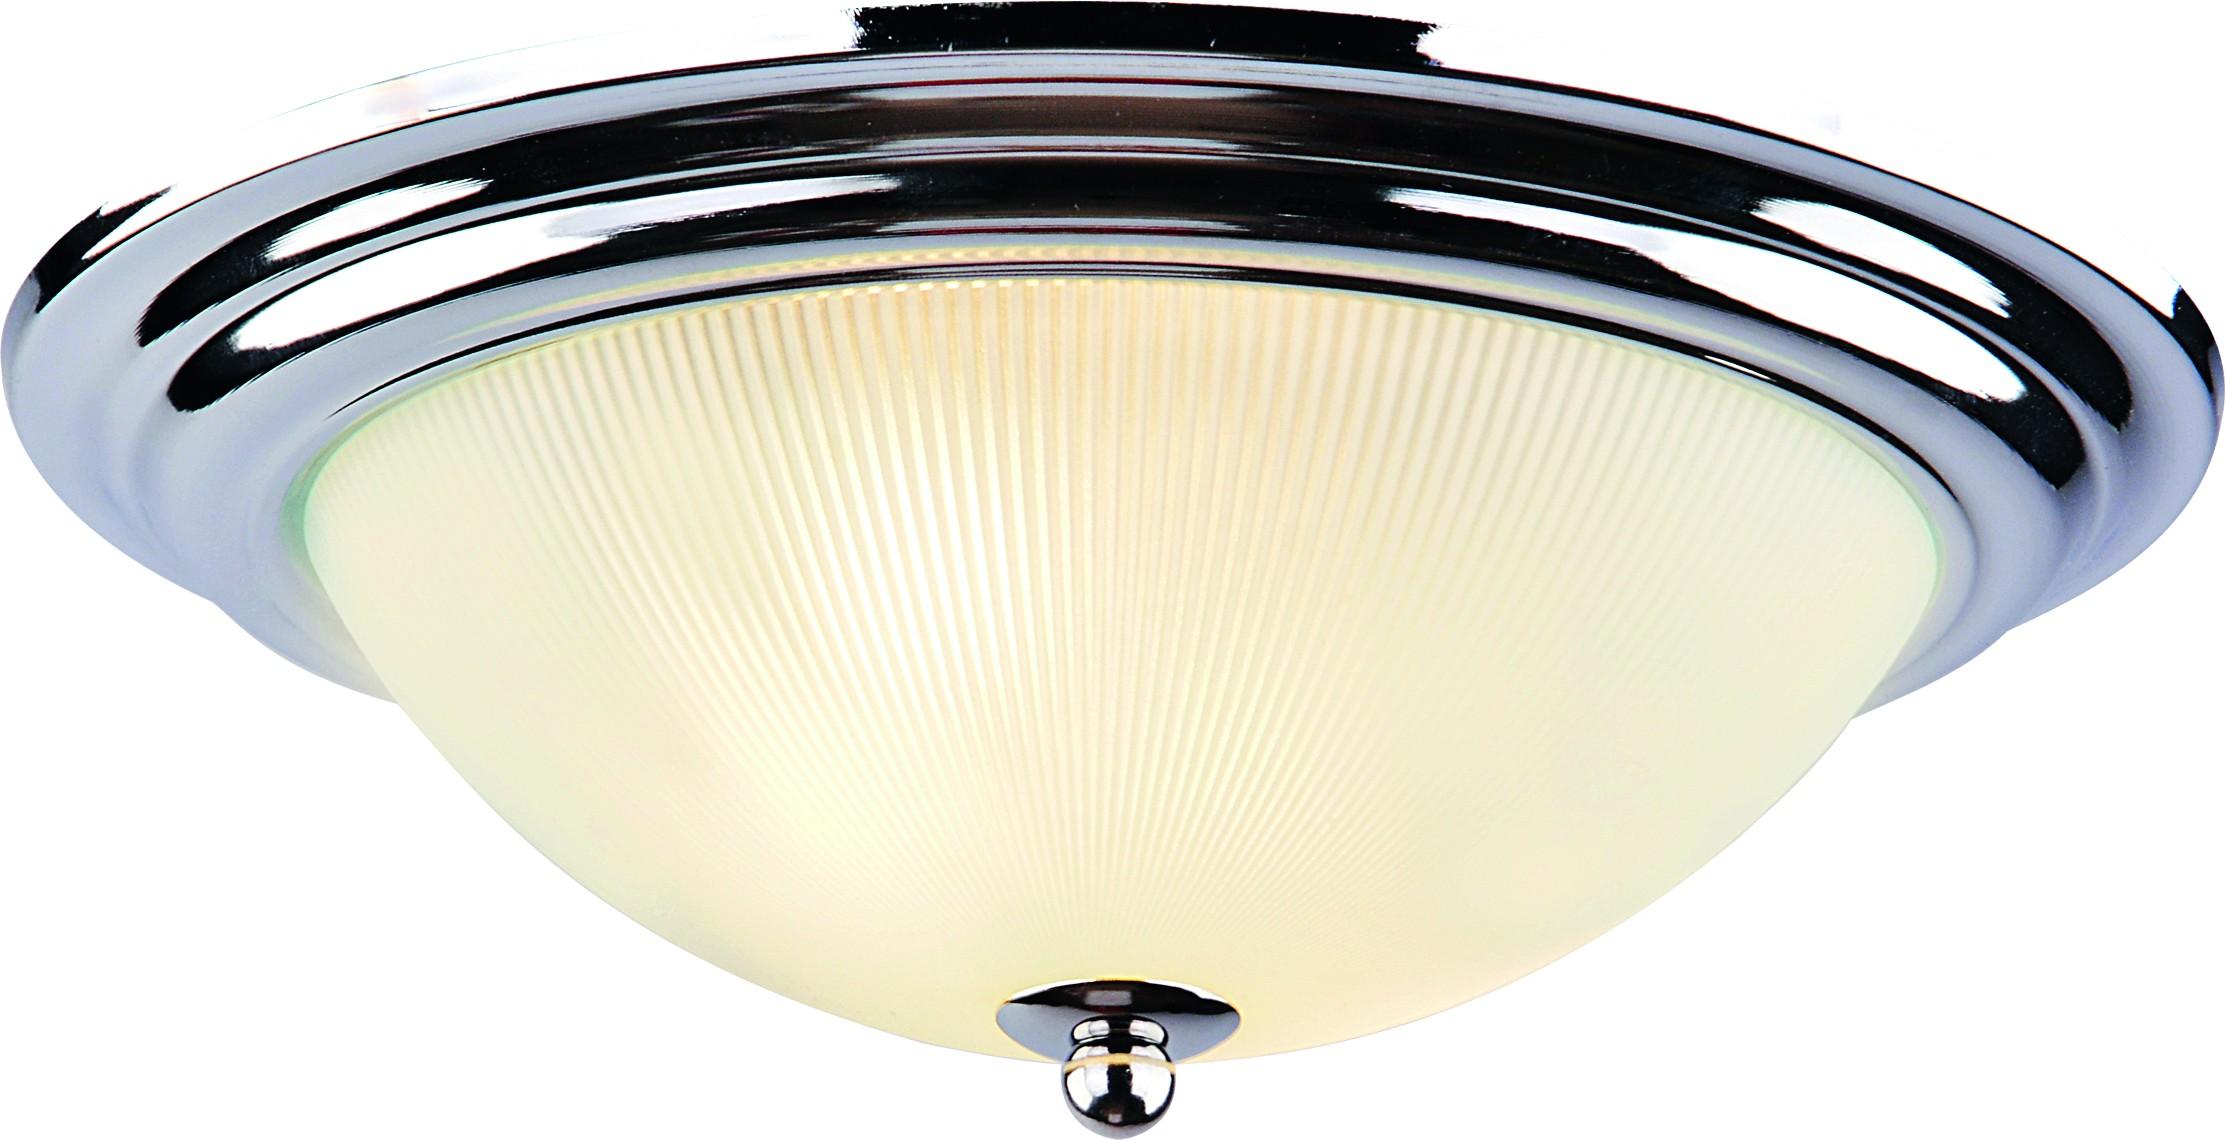 Светильник настенно-потолочный Arte lamp A3012pl-2cc светильник настенно потолочный arte lamp jasmine a4040pl 2cc 2x60вт e27 хром